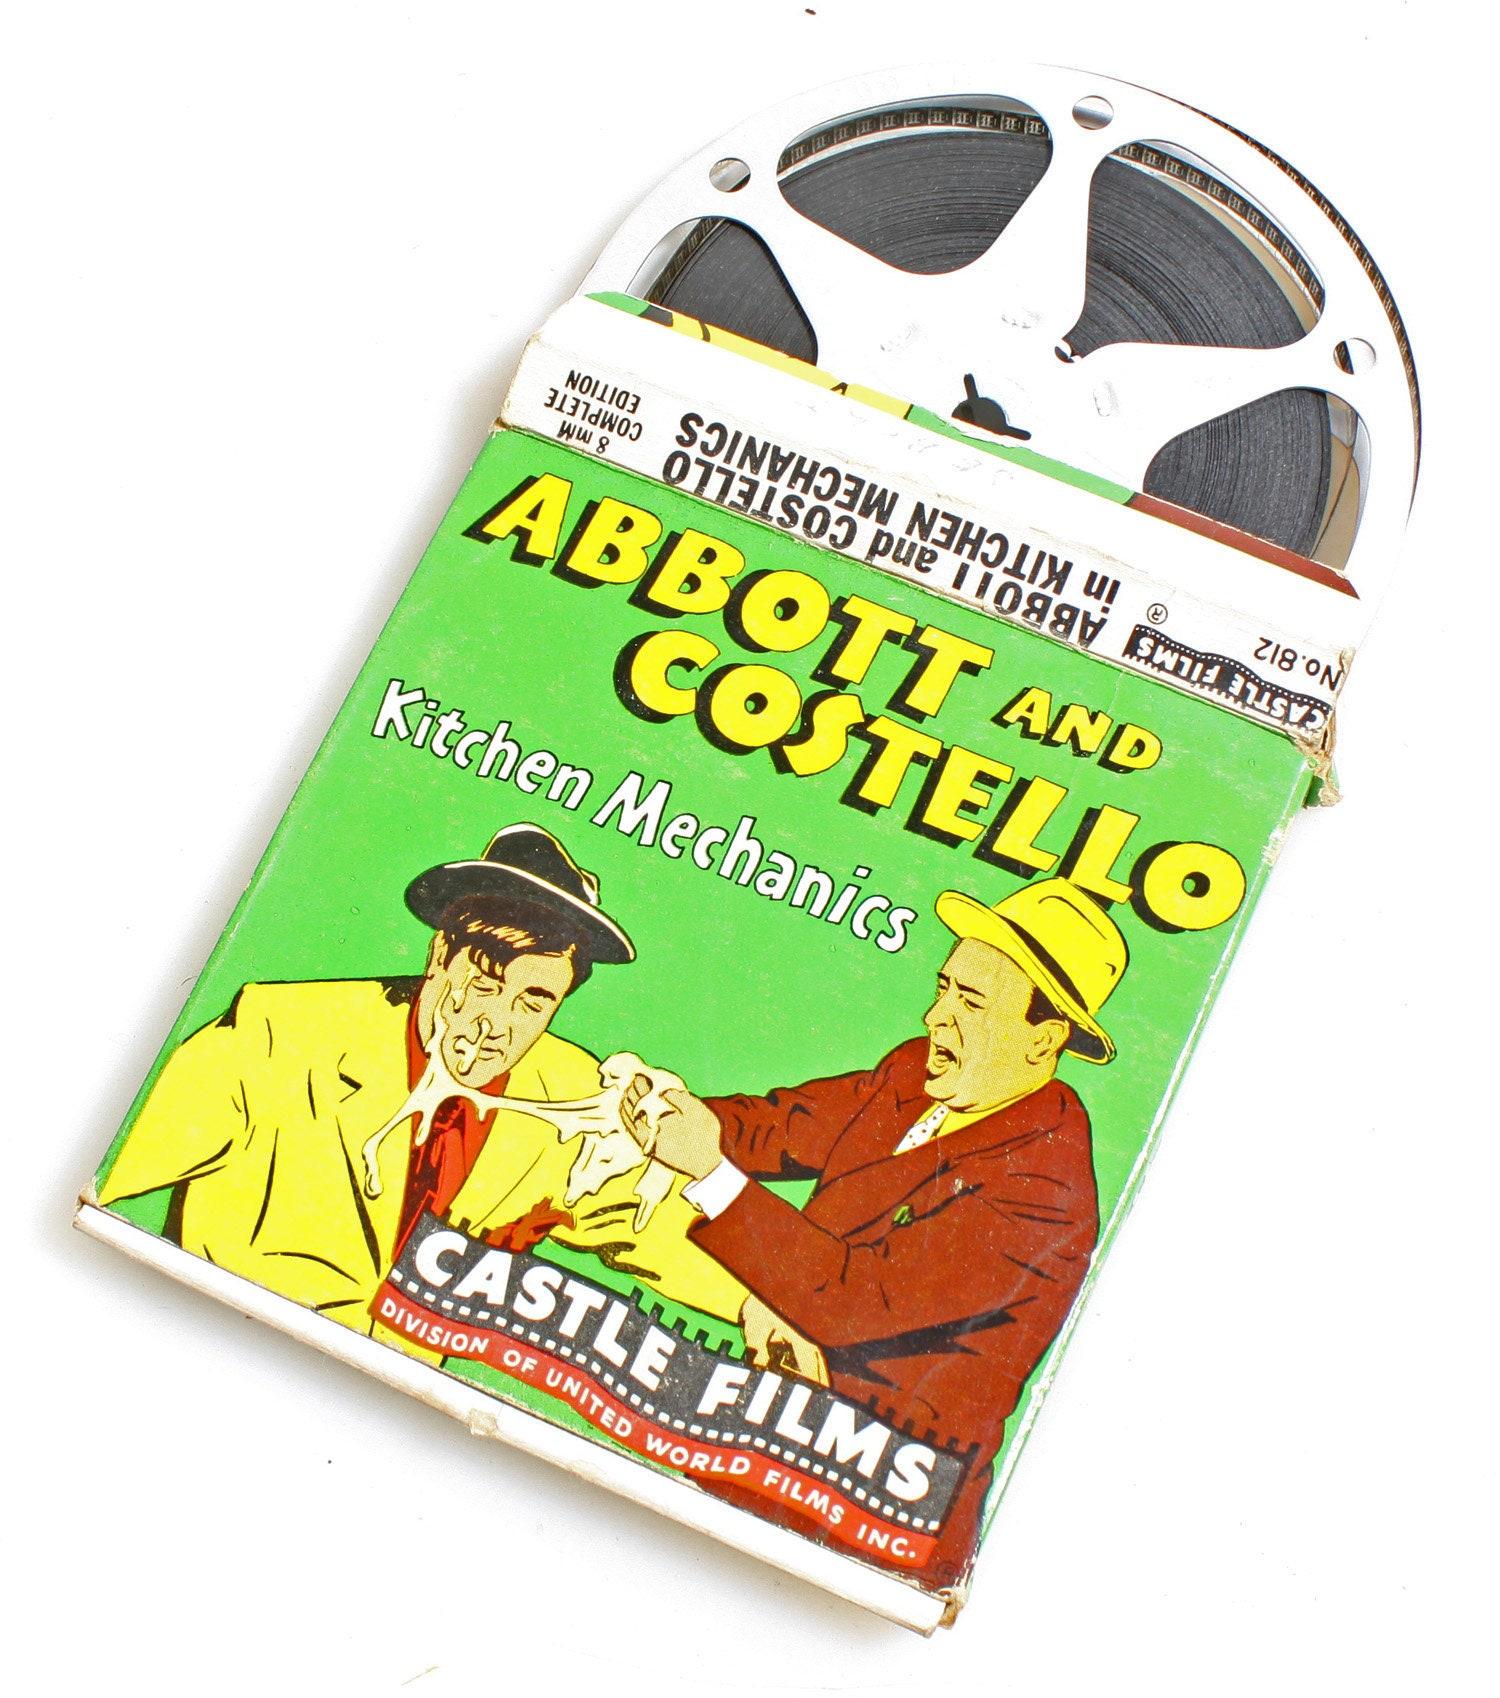 Abbott and Costello in Kitchen Mechanics, 8mm Castle Film Movie Reel (No   812)